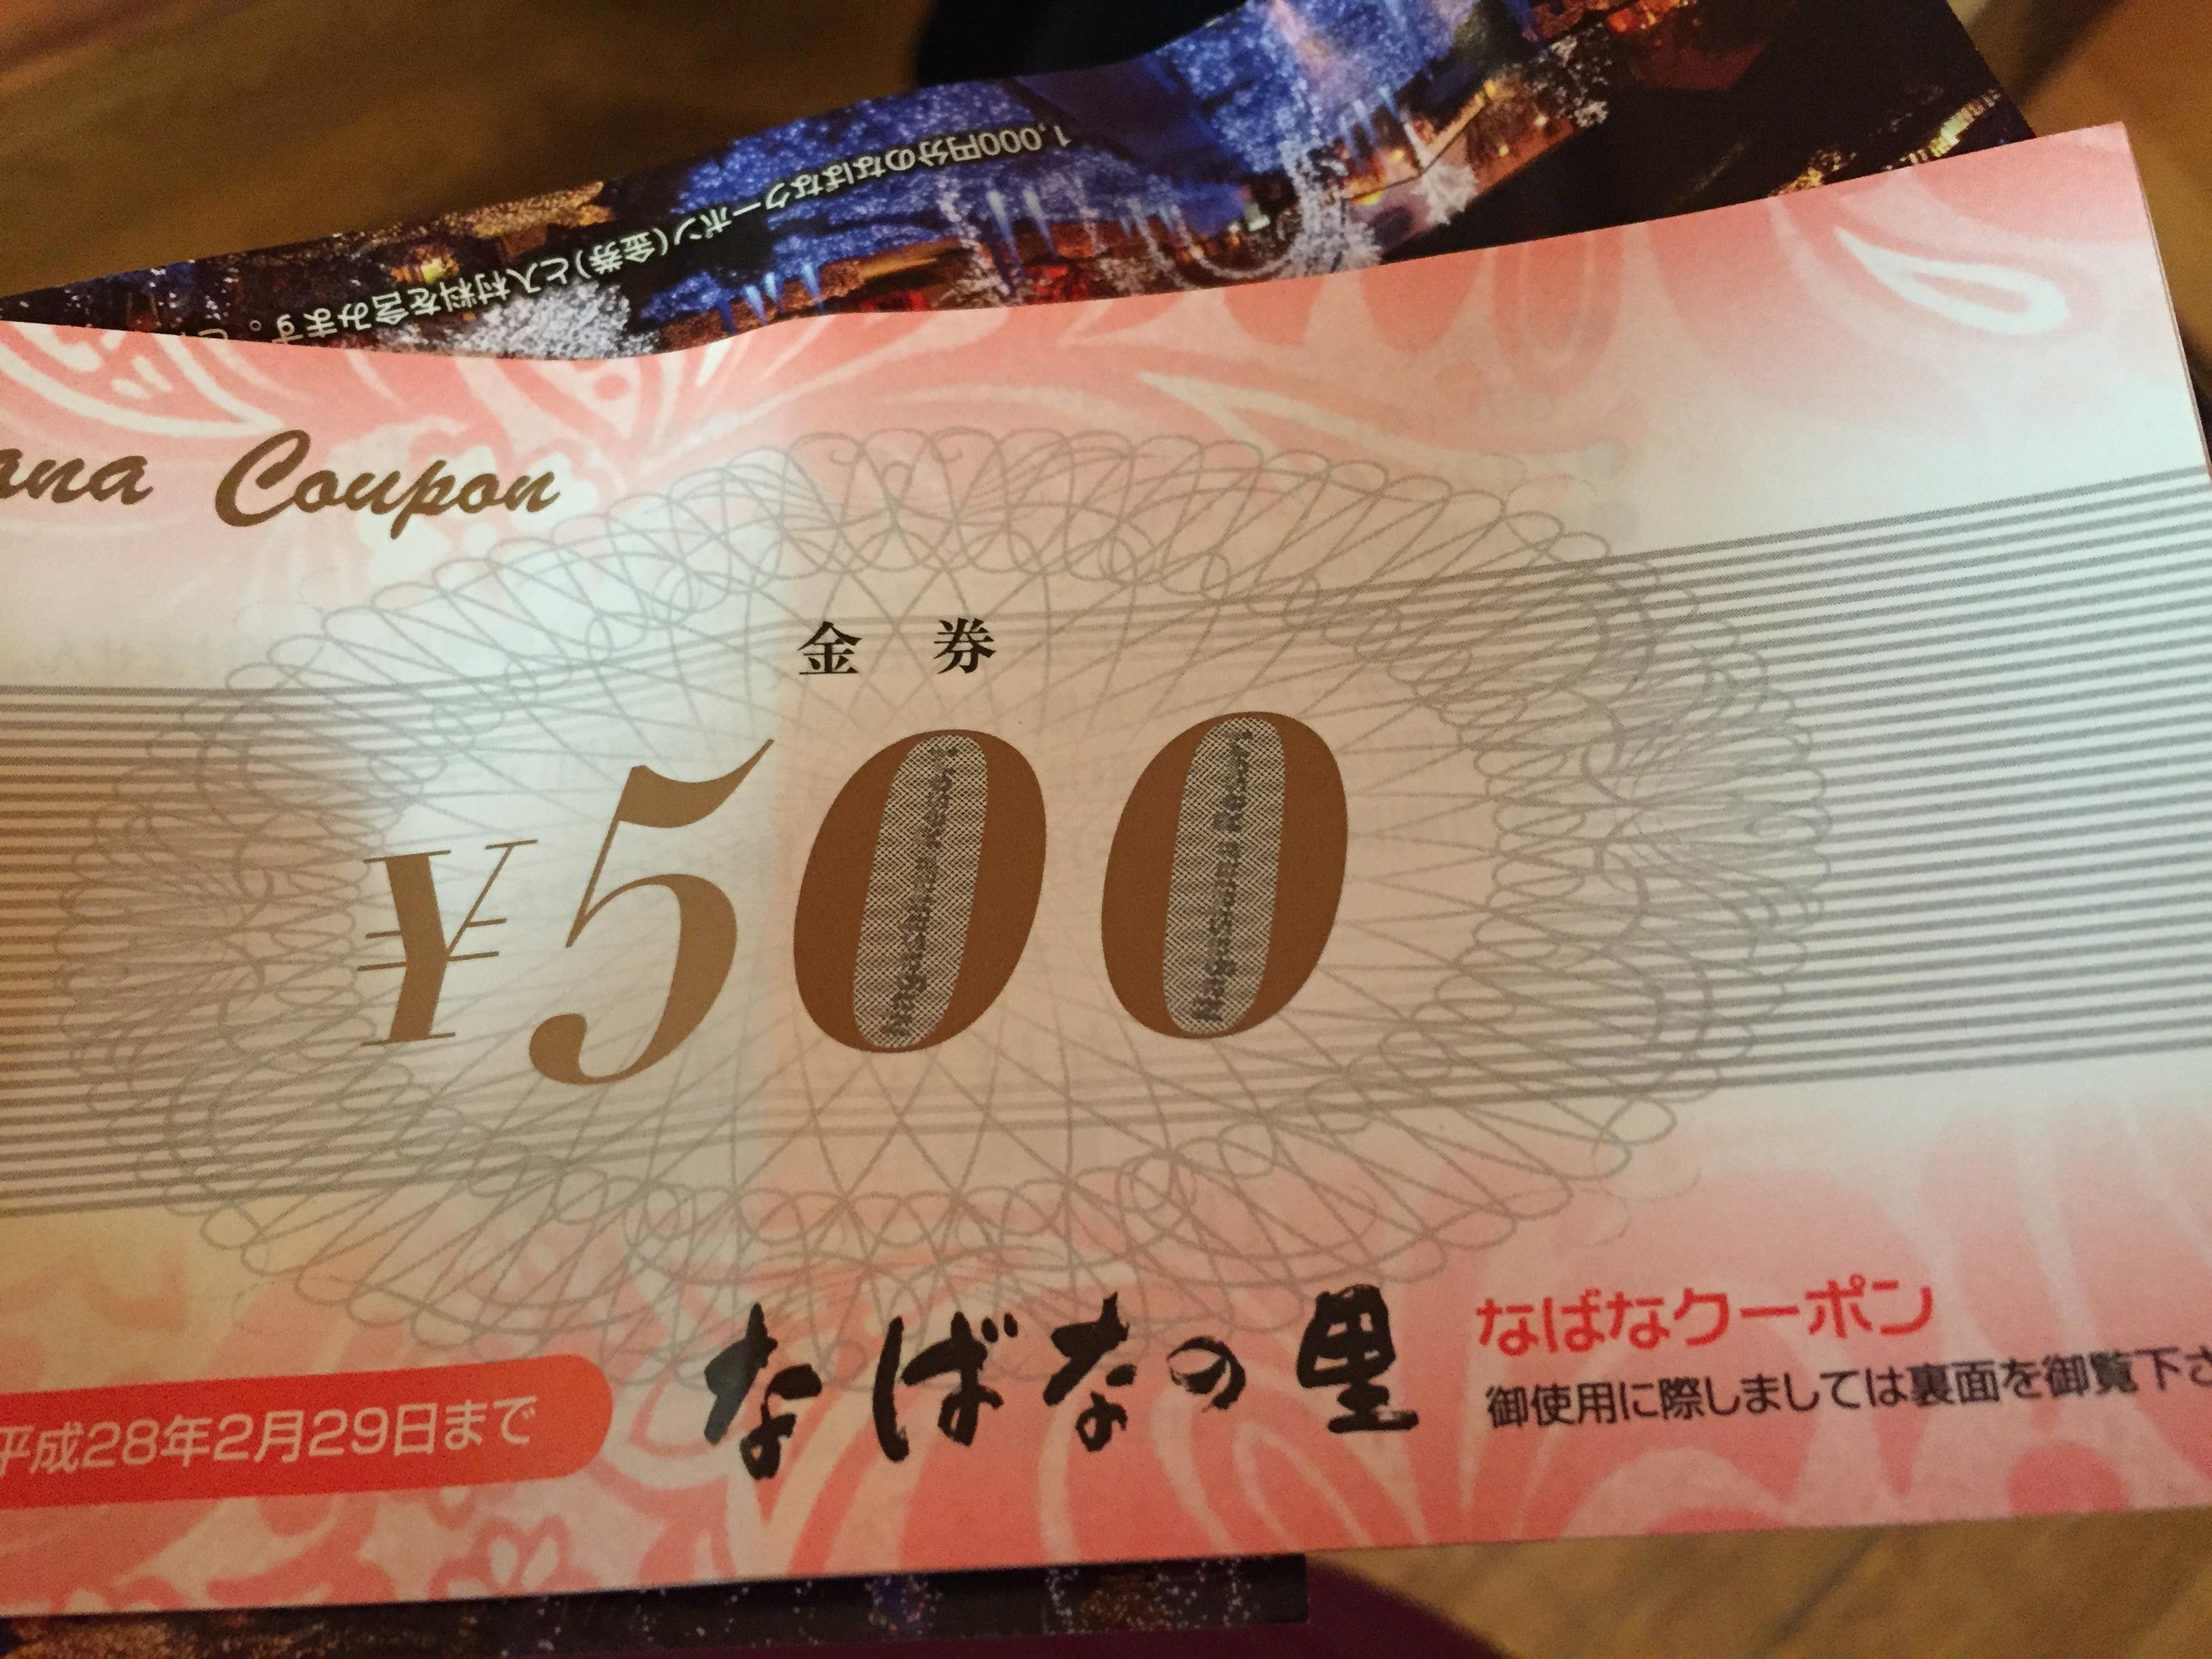 名花之里回贈500日元券